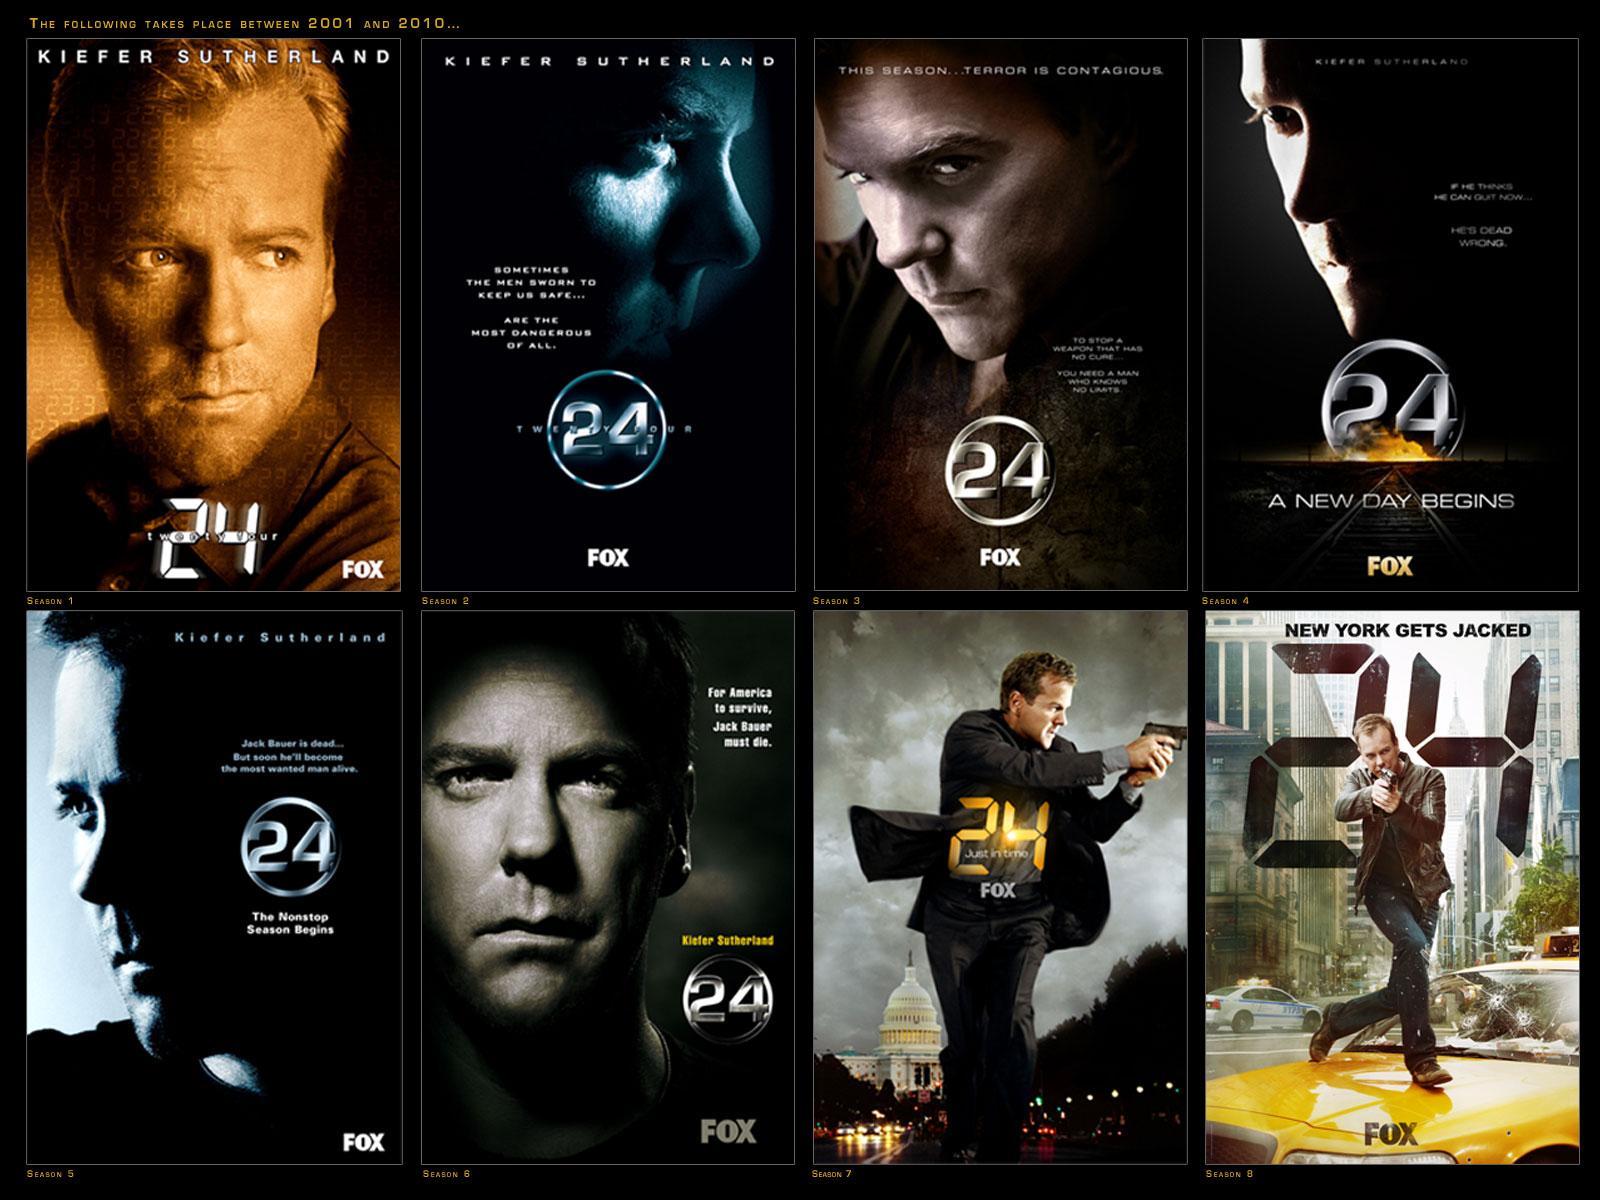 Die vielen Gesichter des Jack Bauer -.- (Quelle: expressionsofaphatdude.com)